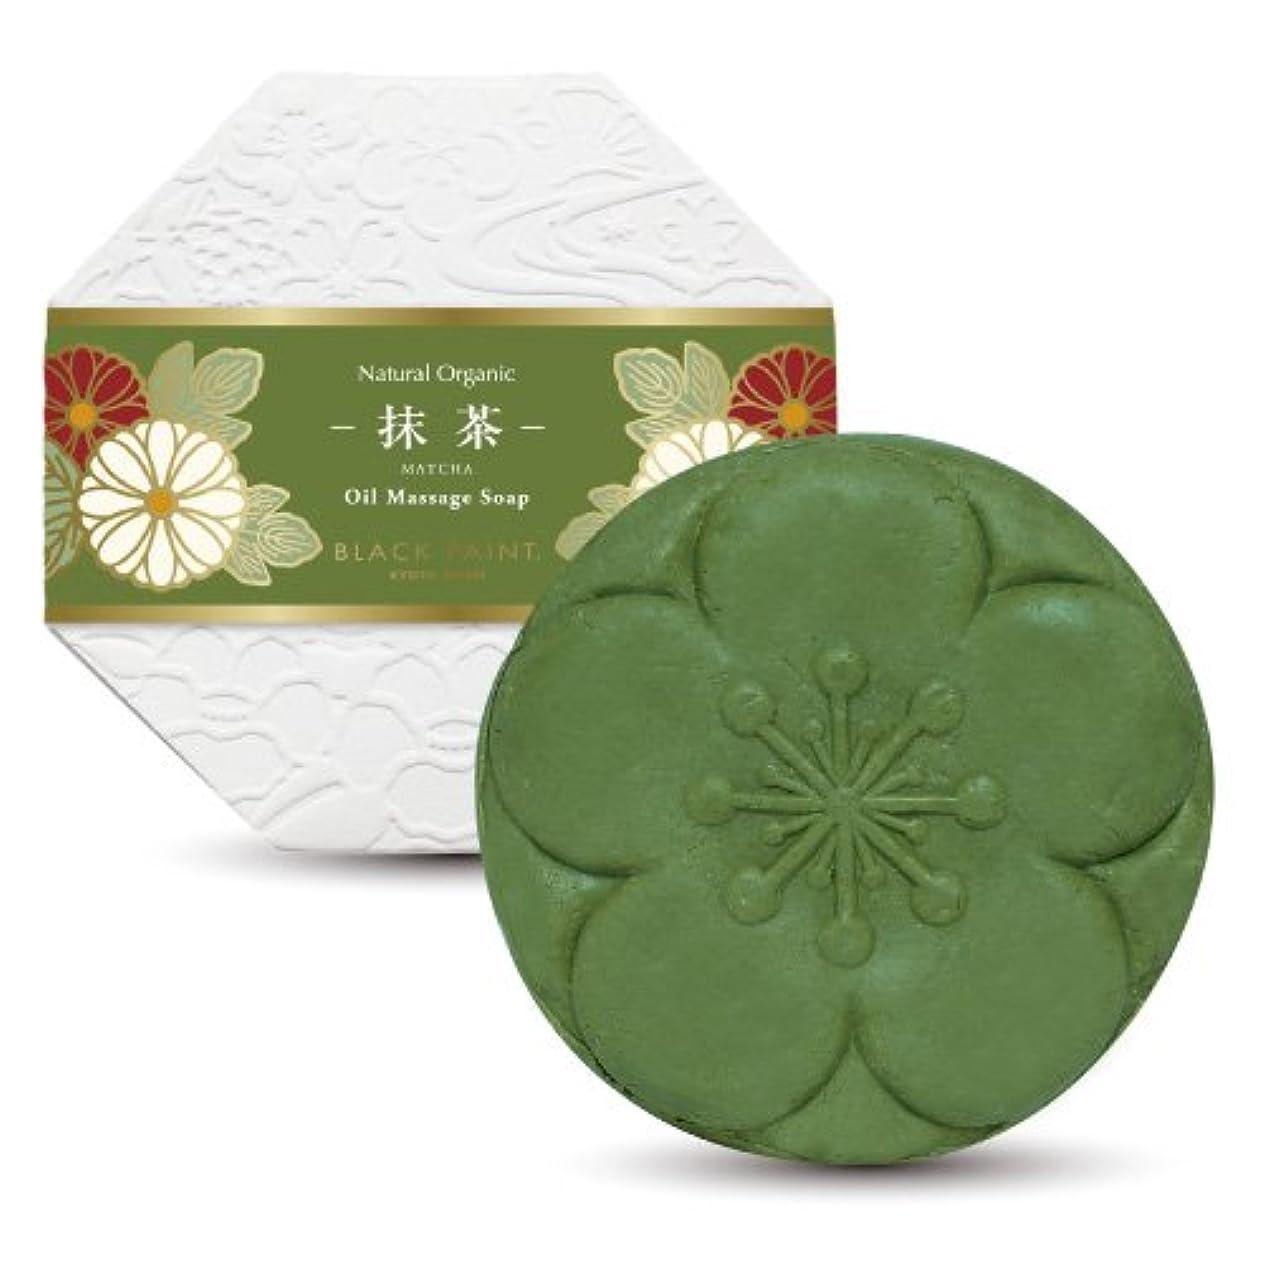 器官召喚する武器京のお茶石鹸 抹茶 120g 塗る石鹸